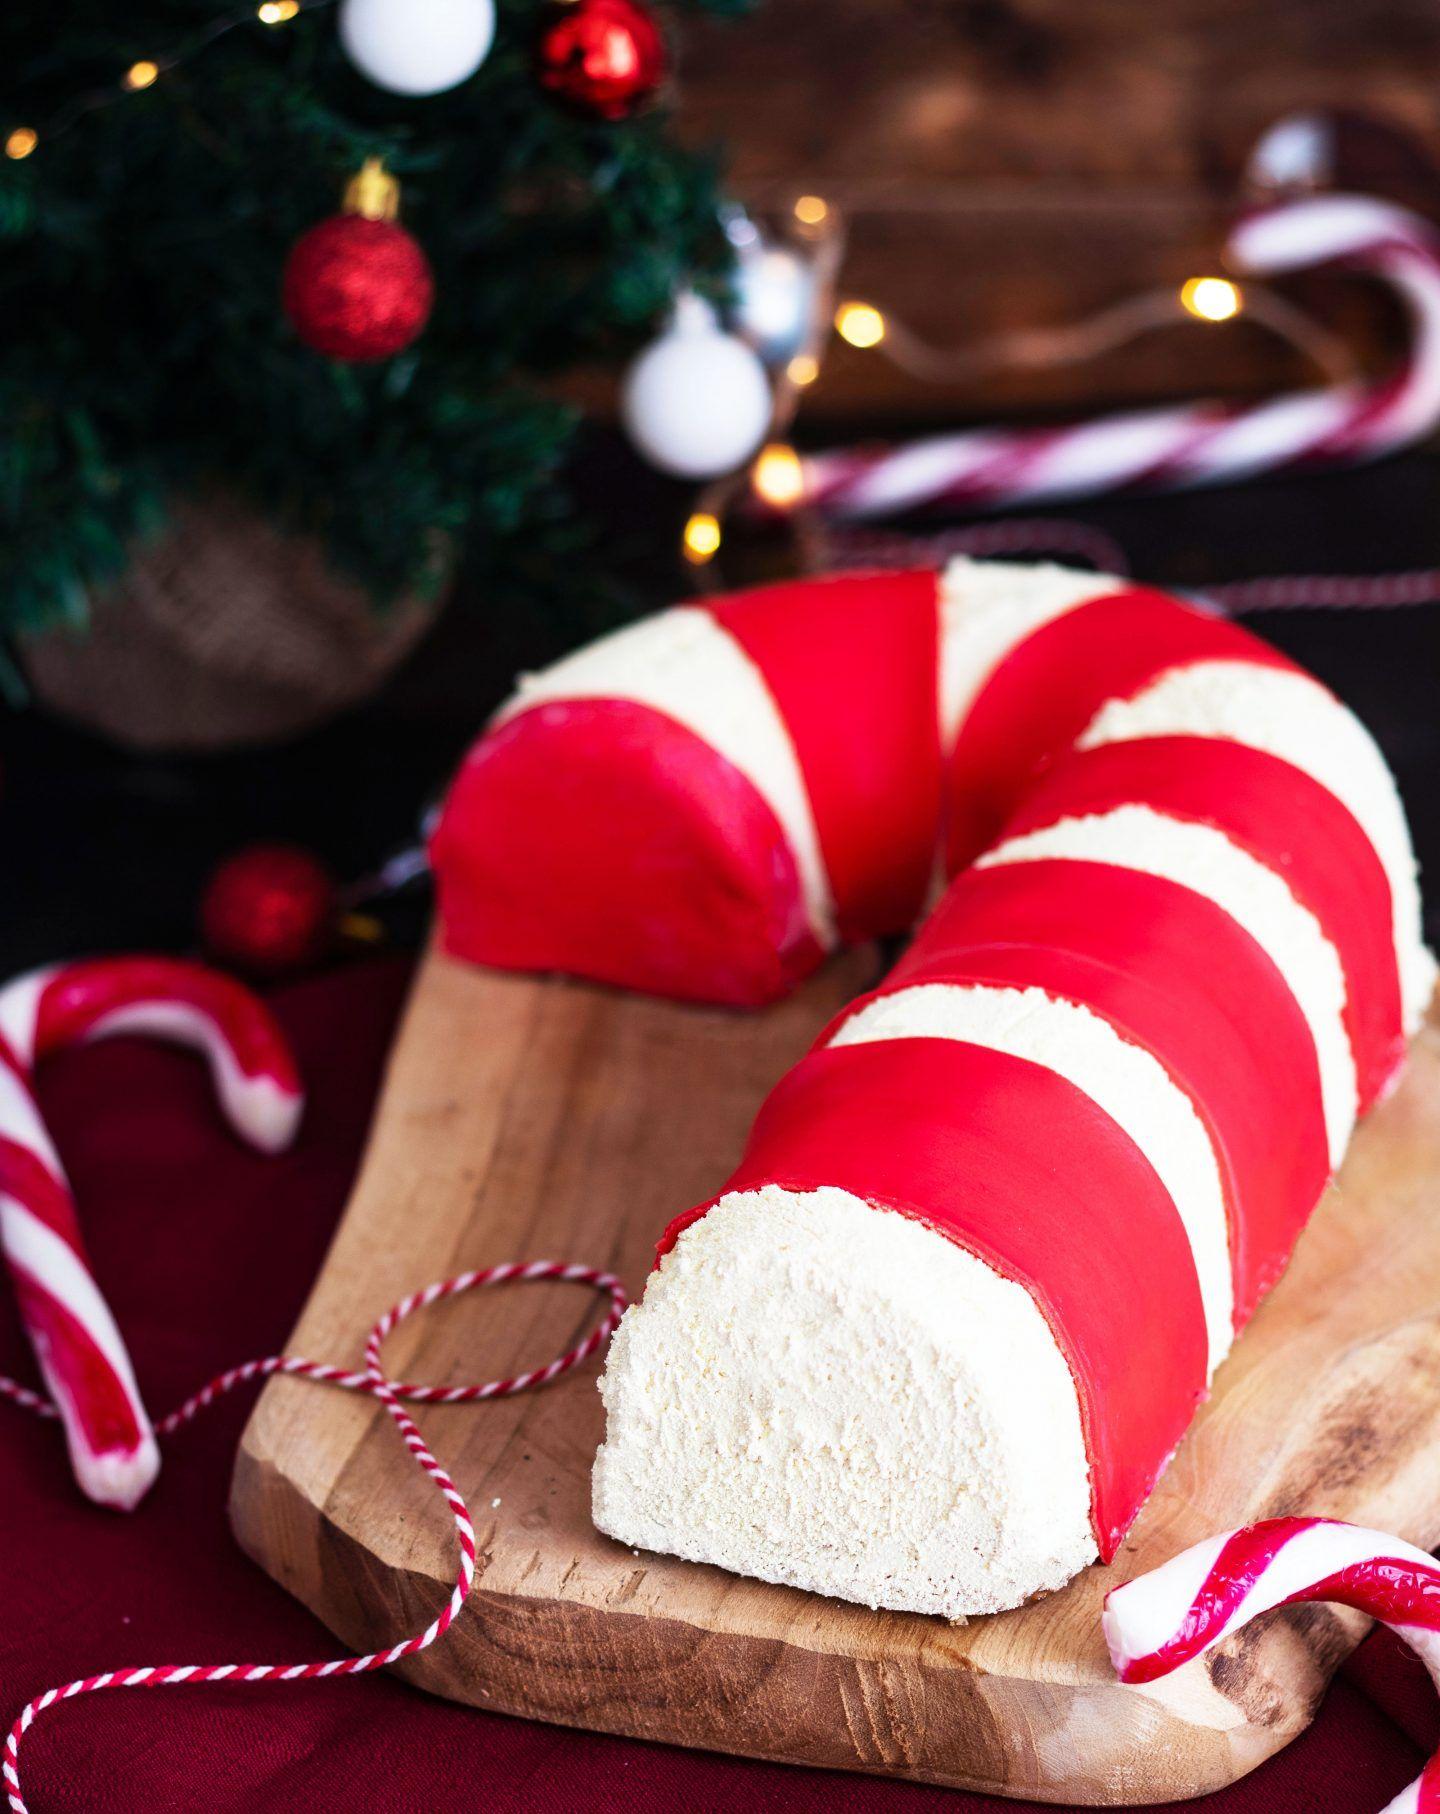 Recette Bûche de Noël aux fruits rouges Sucre d'orge - Blog de MaSpatule.com